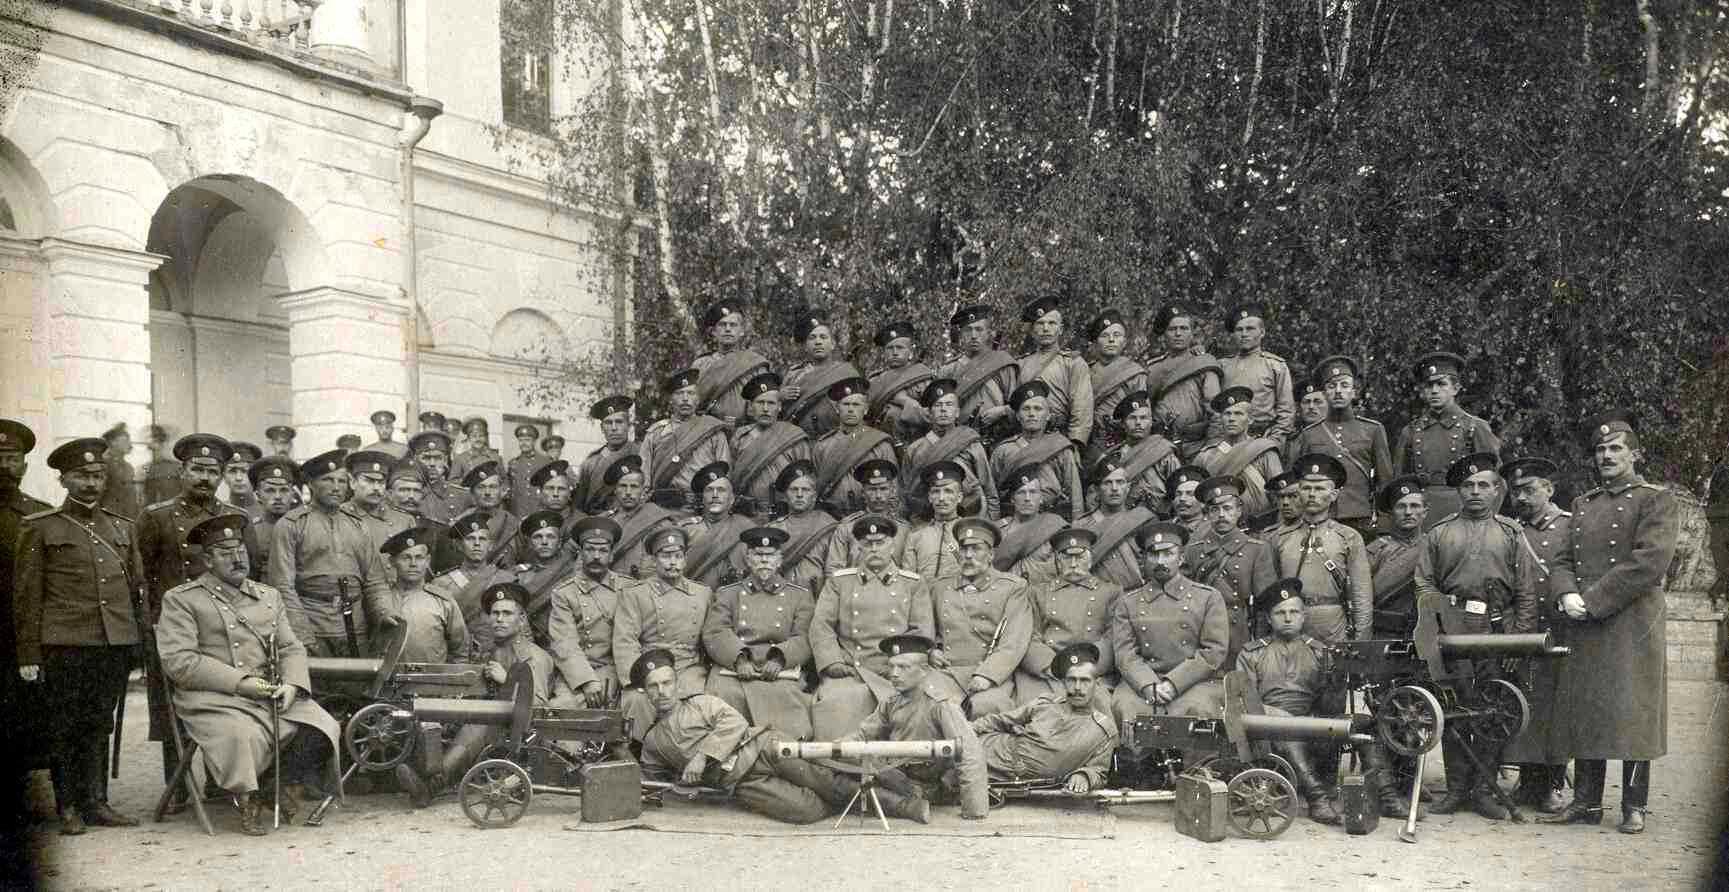 Офицеры 88-го Петровского пехотного полка и пулемётная команда, 1911 год.